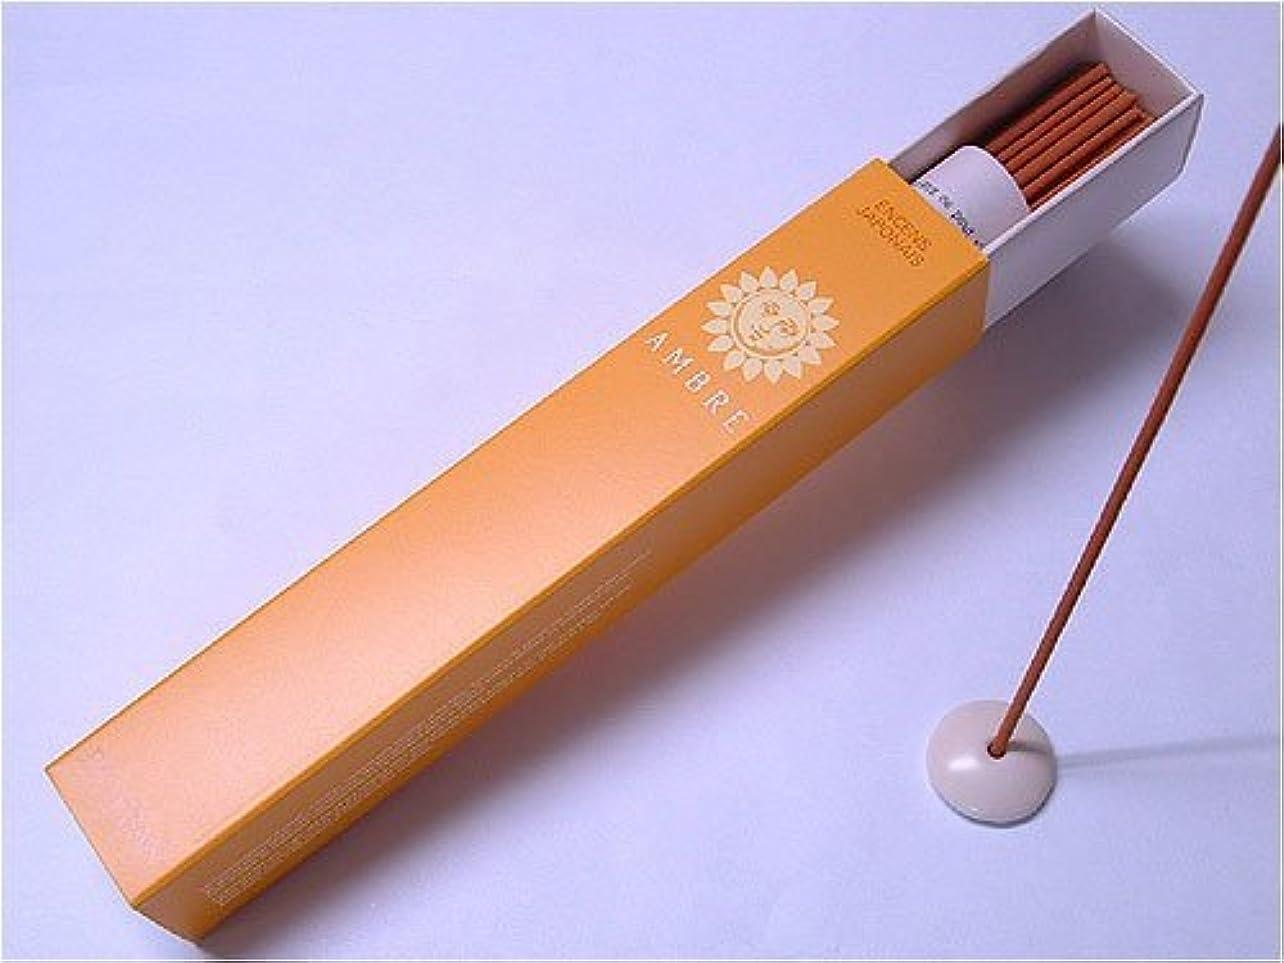 に慣れ執着ゴミESTEBAN(エステバン) style primrose bordier スティック 40本入 「アンバー -AMBRE-」 4902125989924